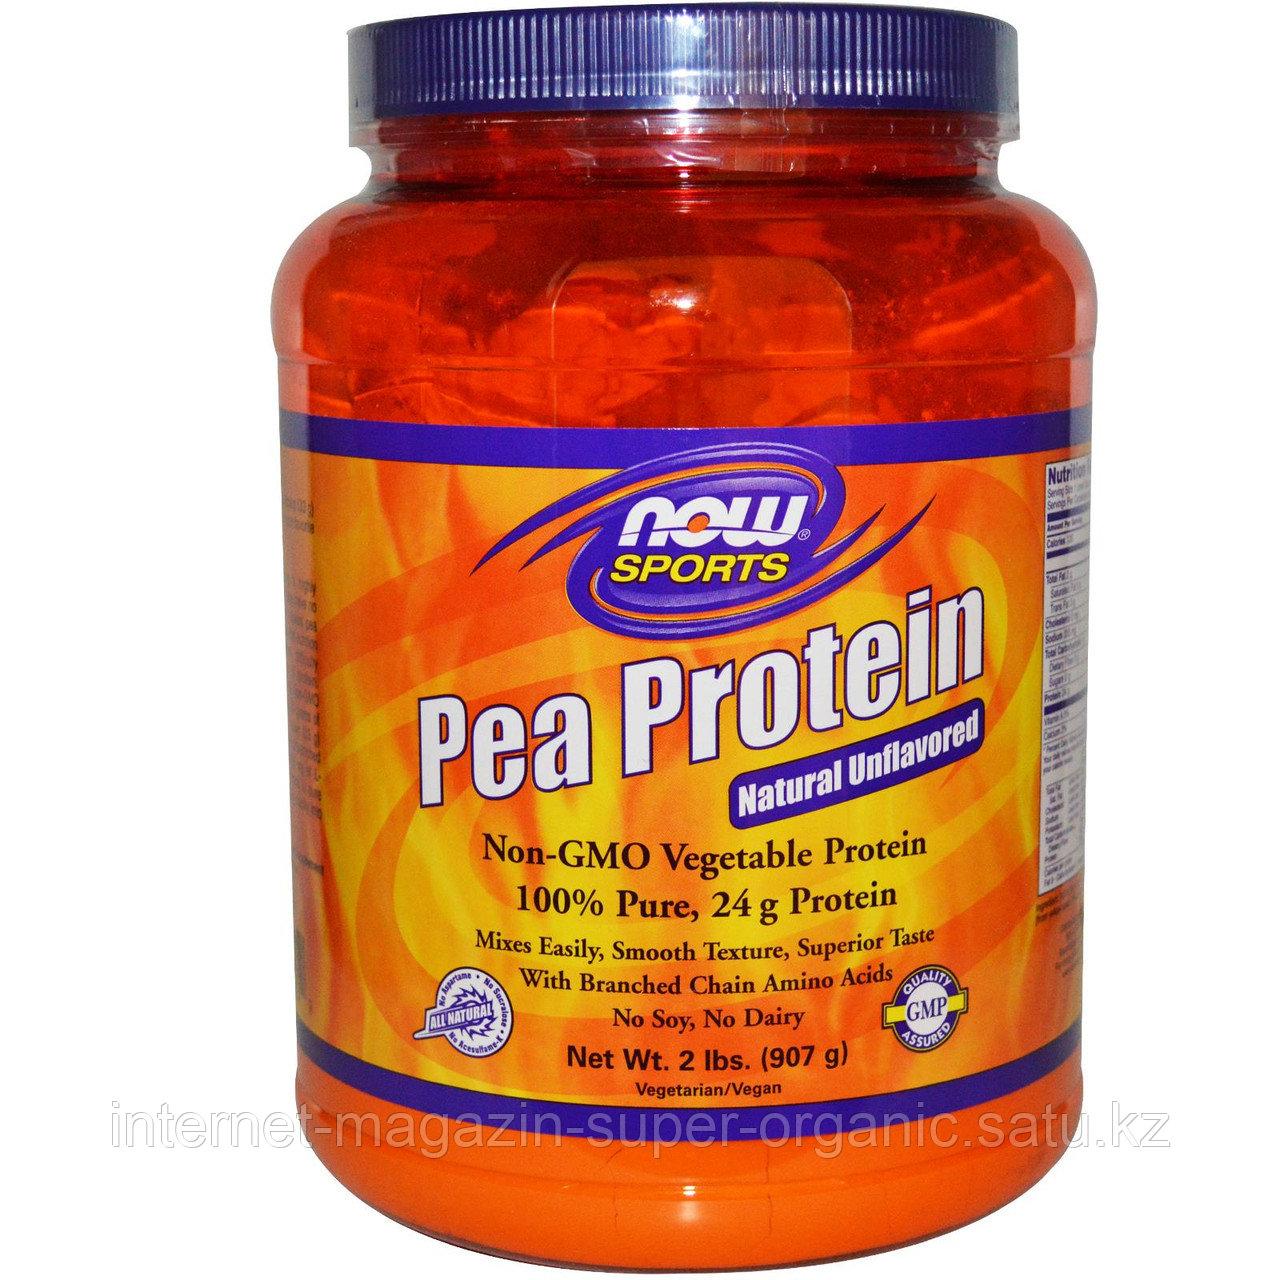 Протеин гороха, 907 г, (Pea protein), Now Foods